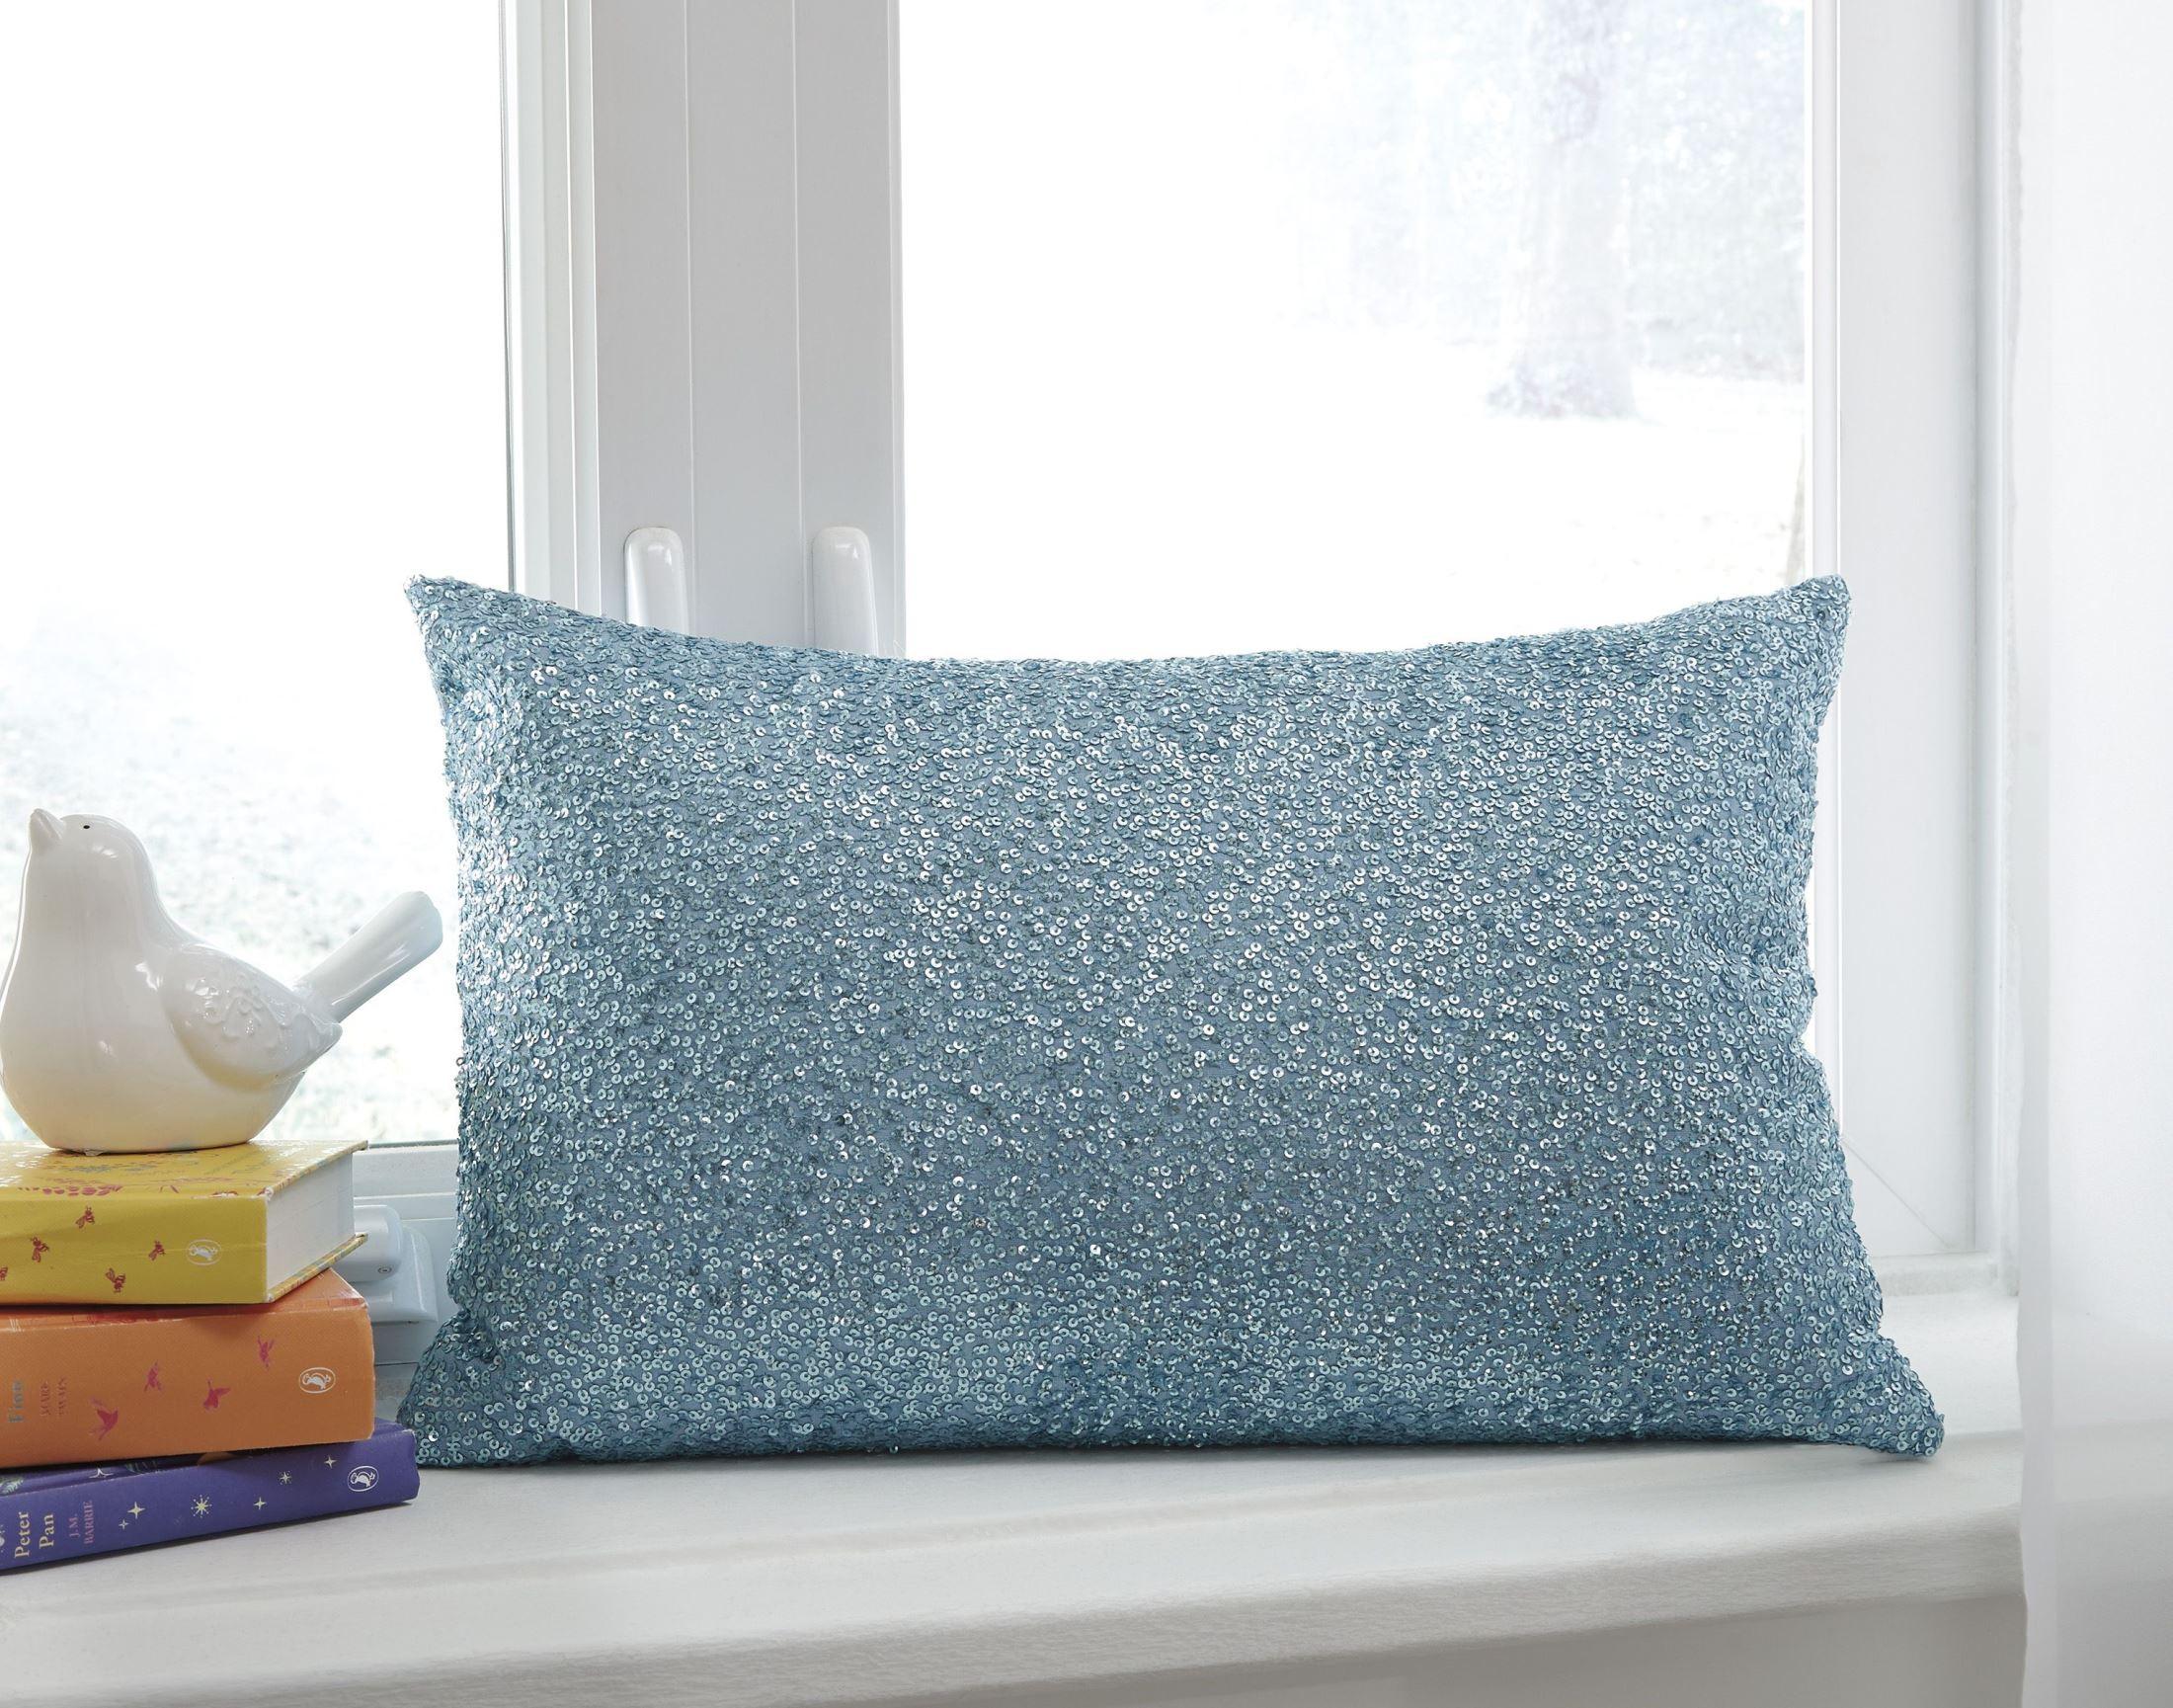 Arabelle Aqua Pillow Set of 4, A1000284, Ashley